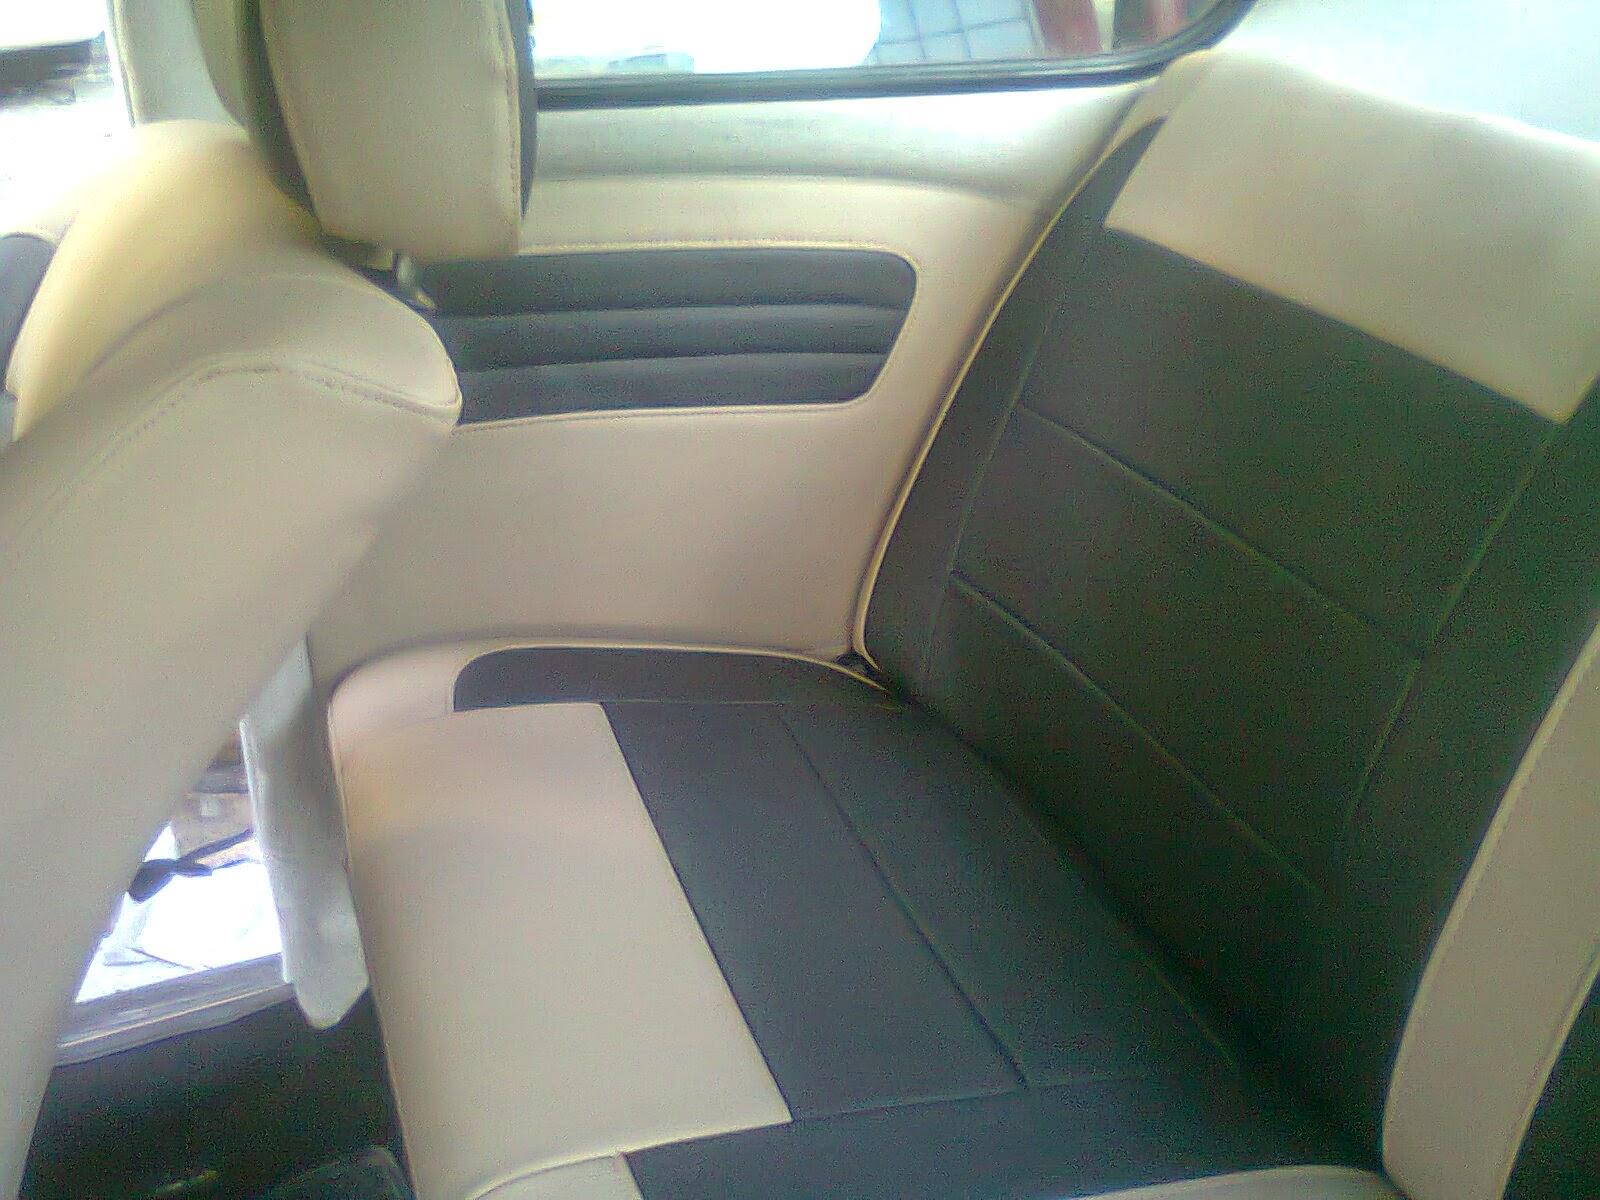 Vestiduras originales asientos y puertas de vw sedan - Puertas originales interiores ...